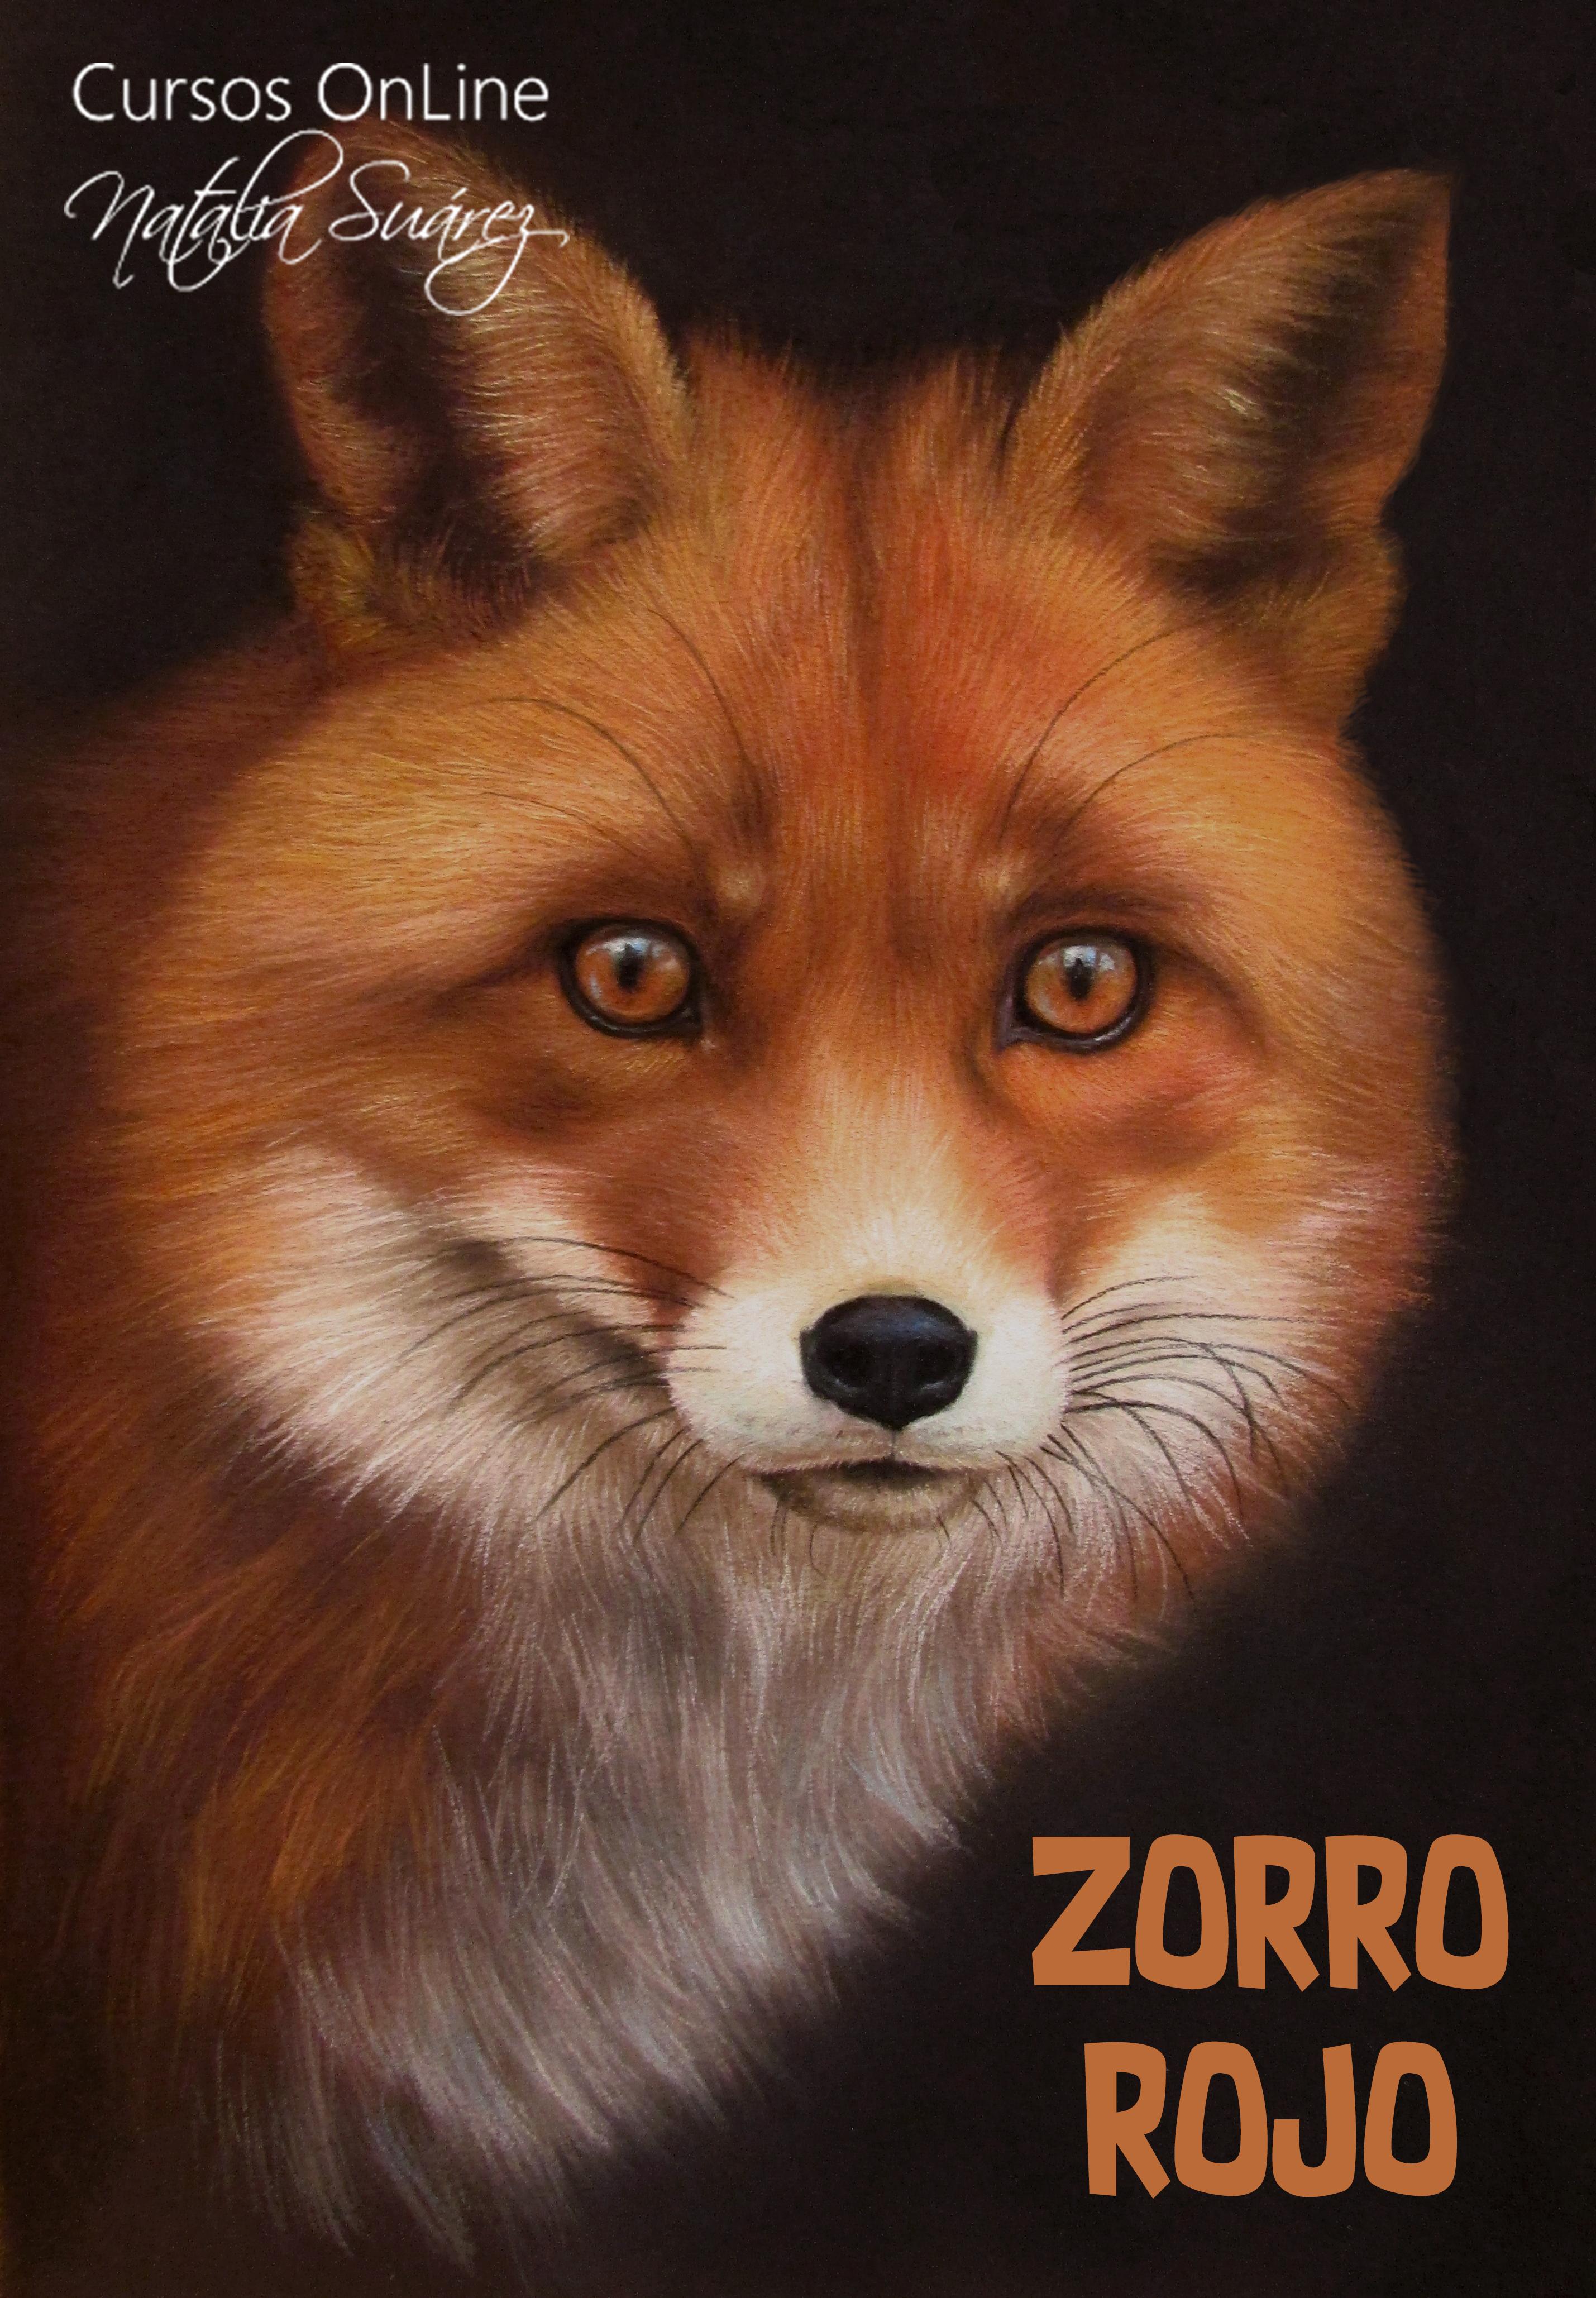 Zorro Rojo - Nivel 1 Animales - Pastel Studio